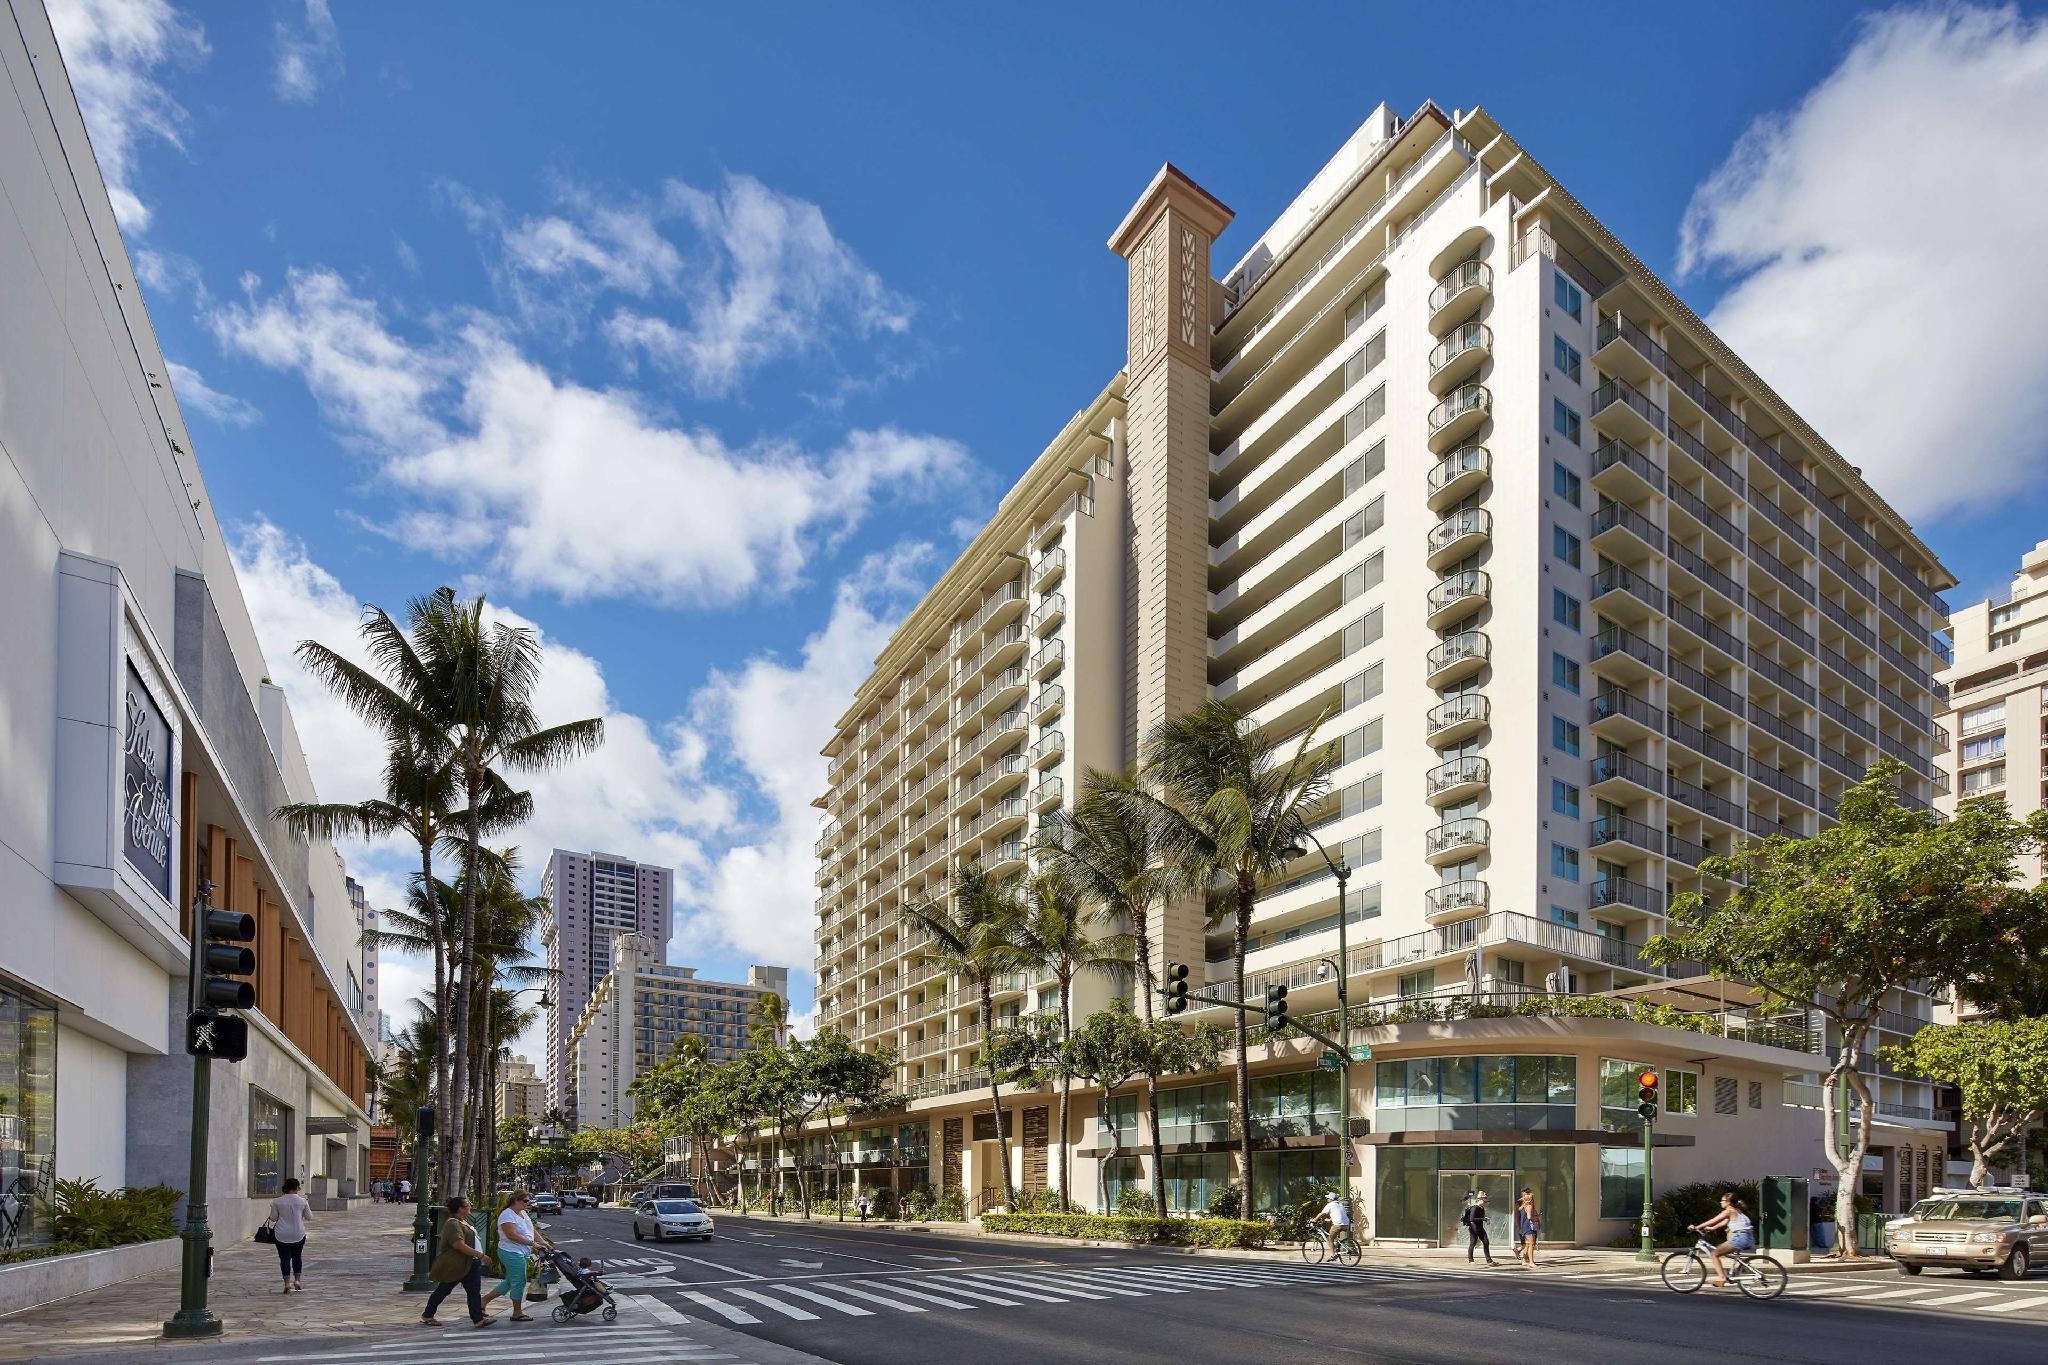 Hilton Garden Inn Waikiki Beach image